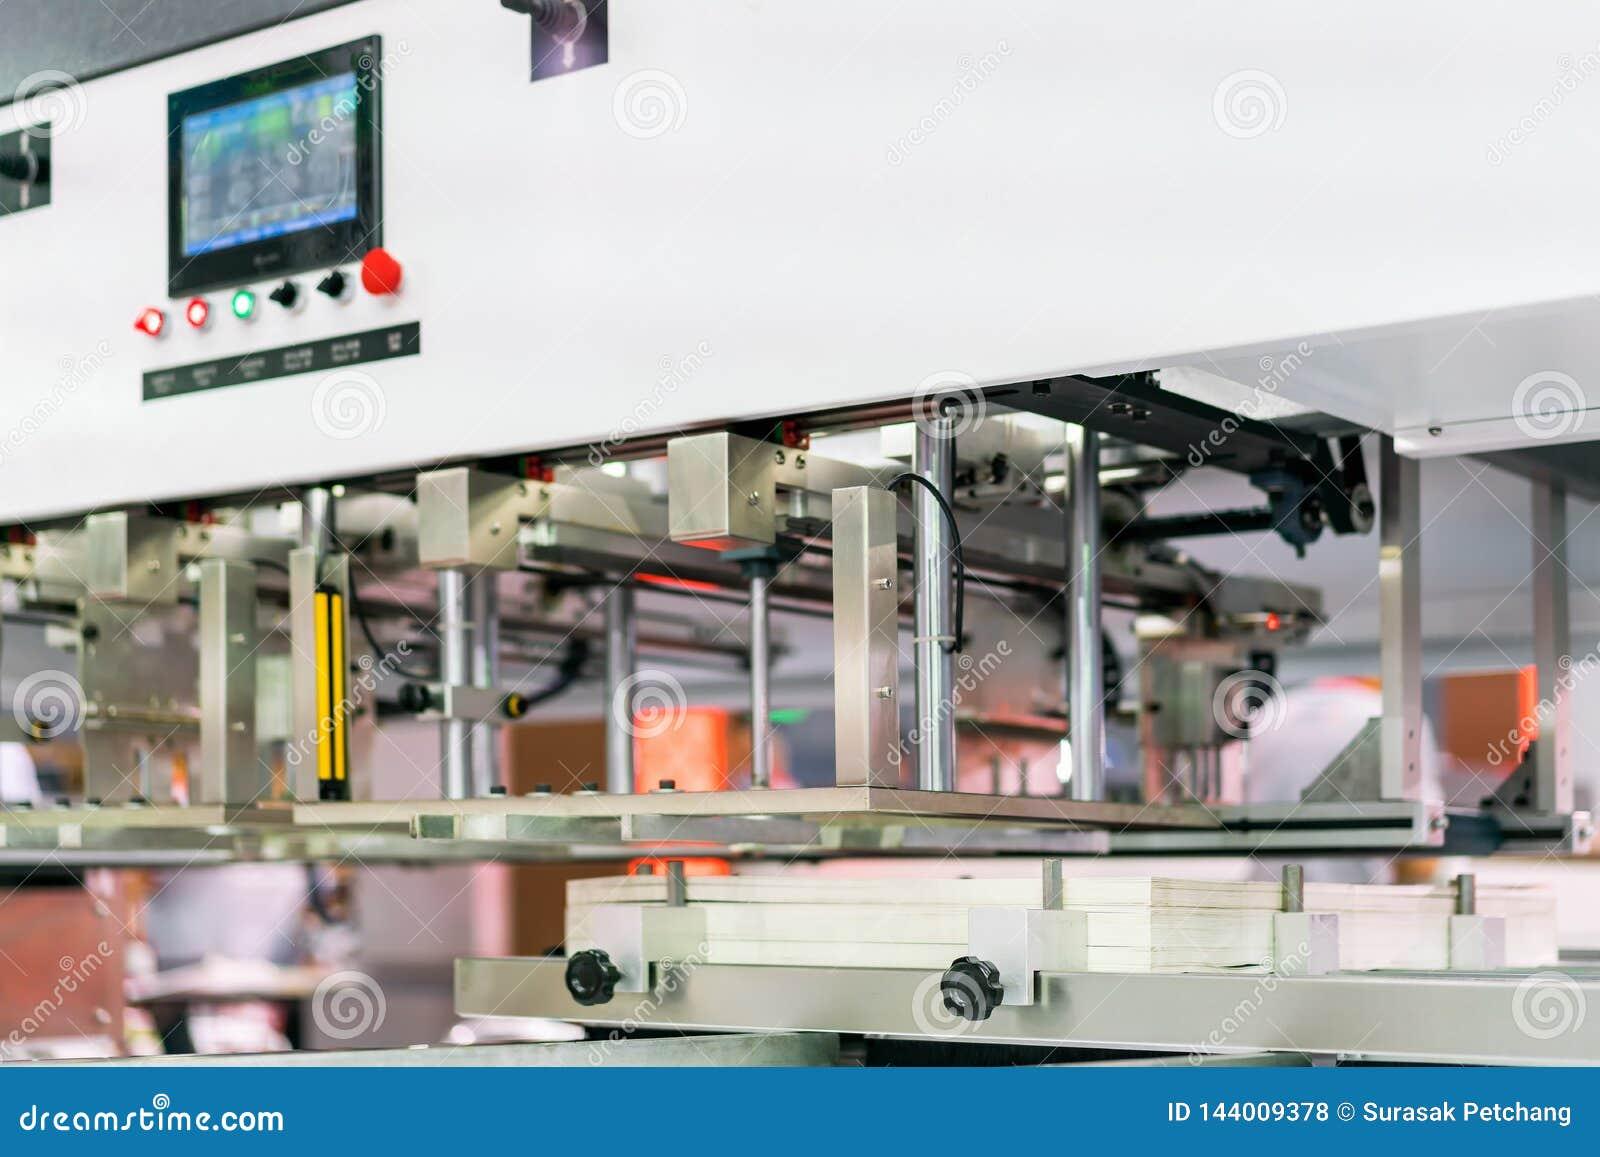 Velen behangen in modern en geavanceerd technisch van automatische publicatie of drukmachine